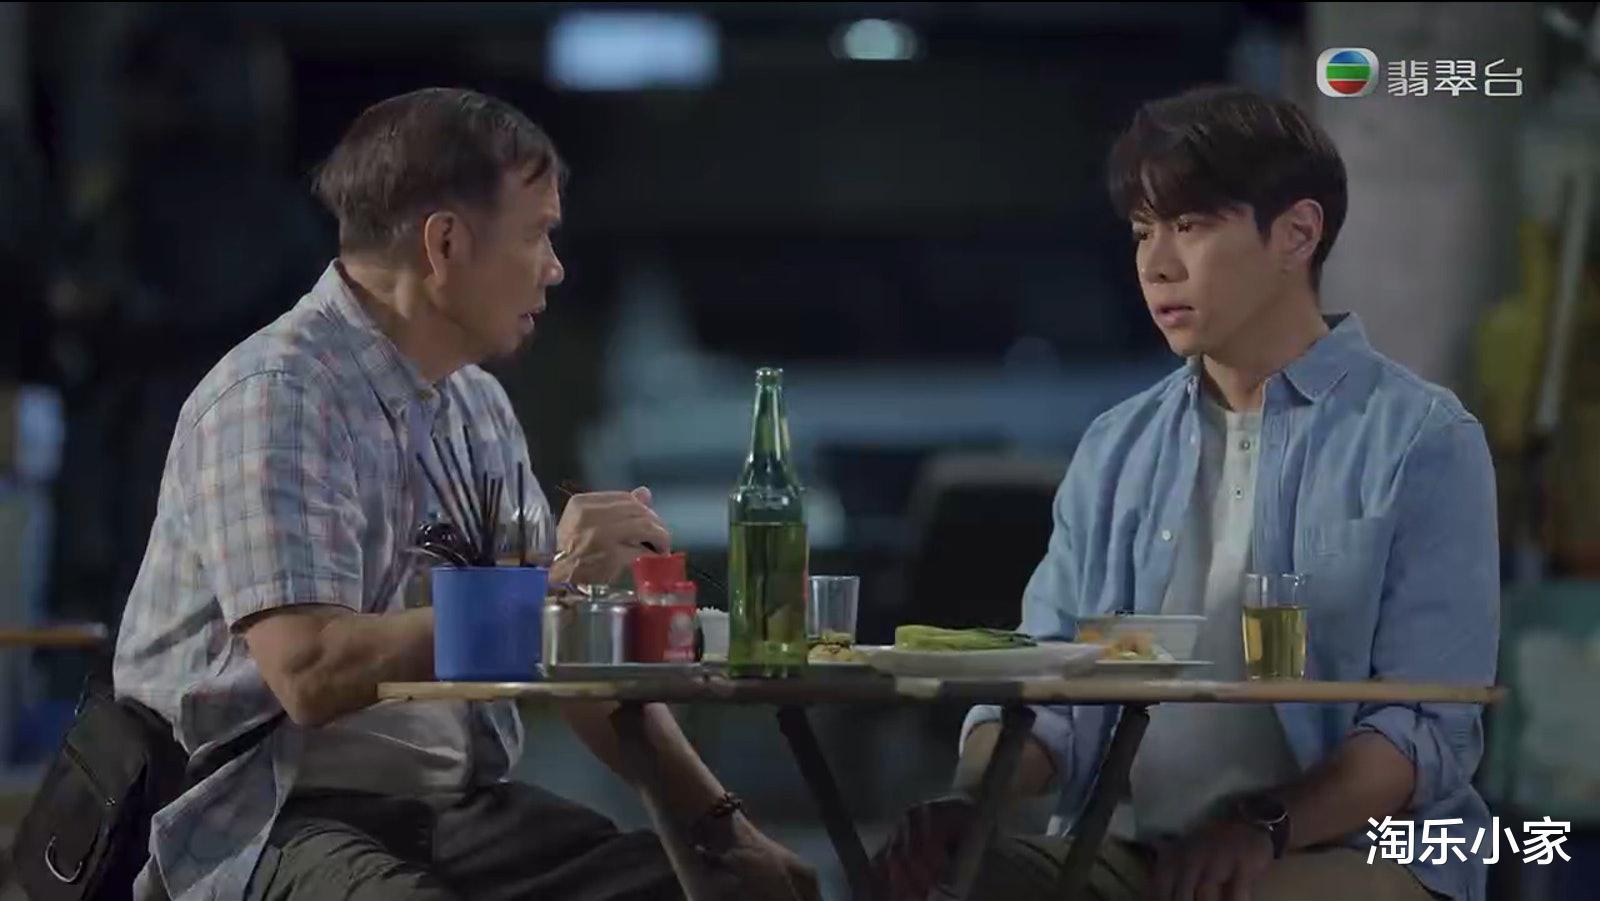 《香港爱情故事》第10集剧透|因为毁约而吵架,还有可能因此要离婚?